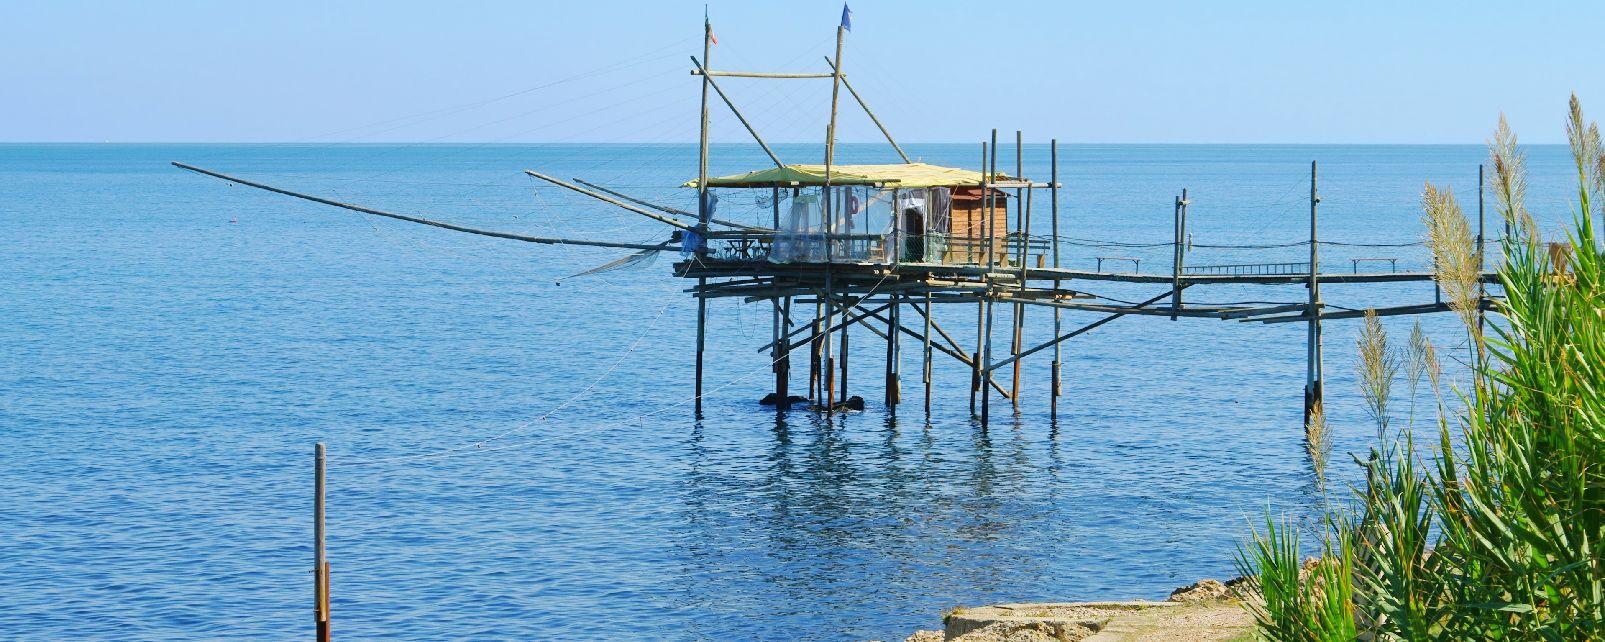 La côte des Trabocchi , Pêcheurs au travail , Italie